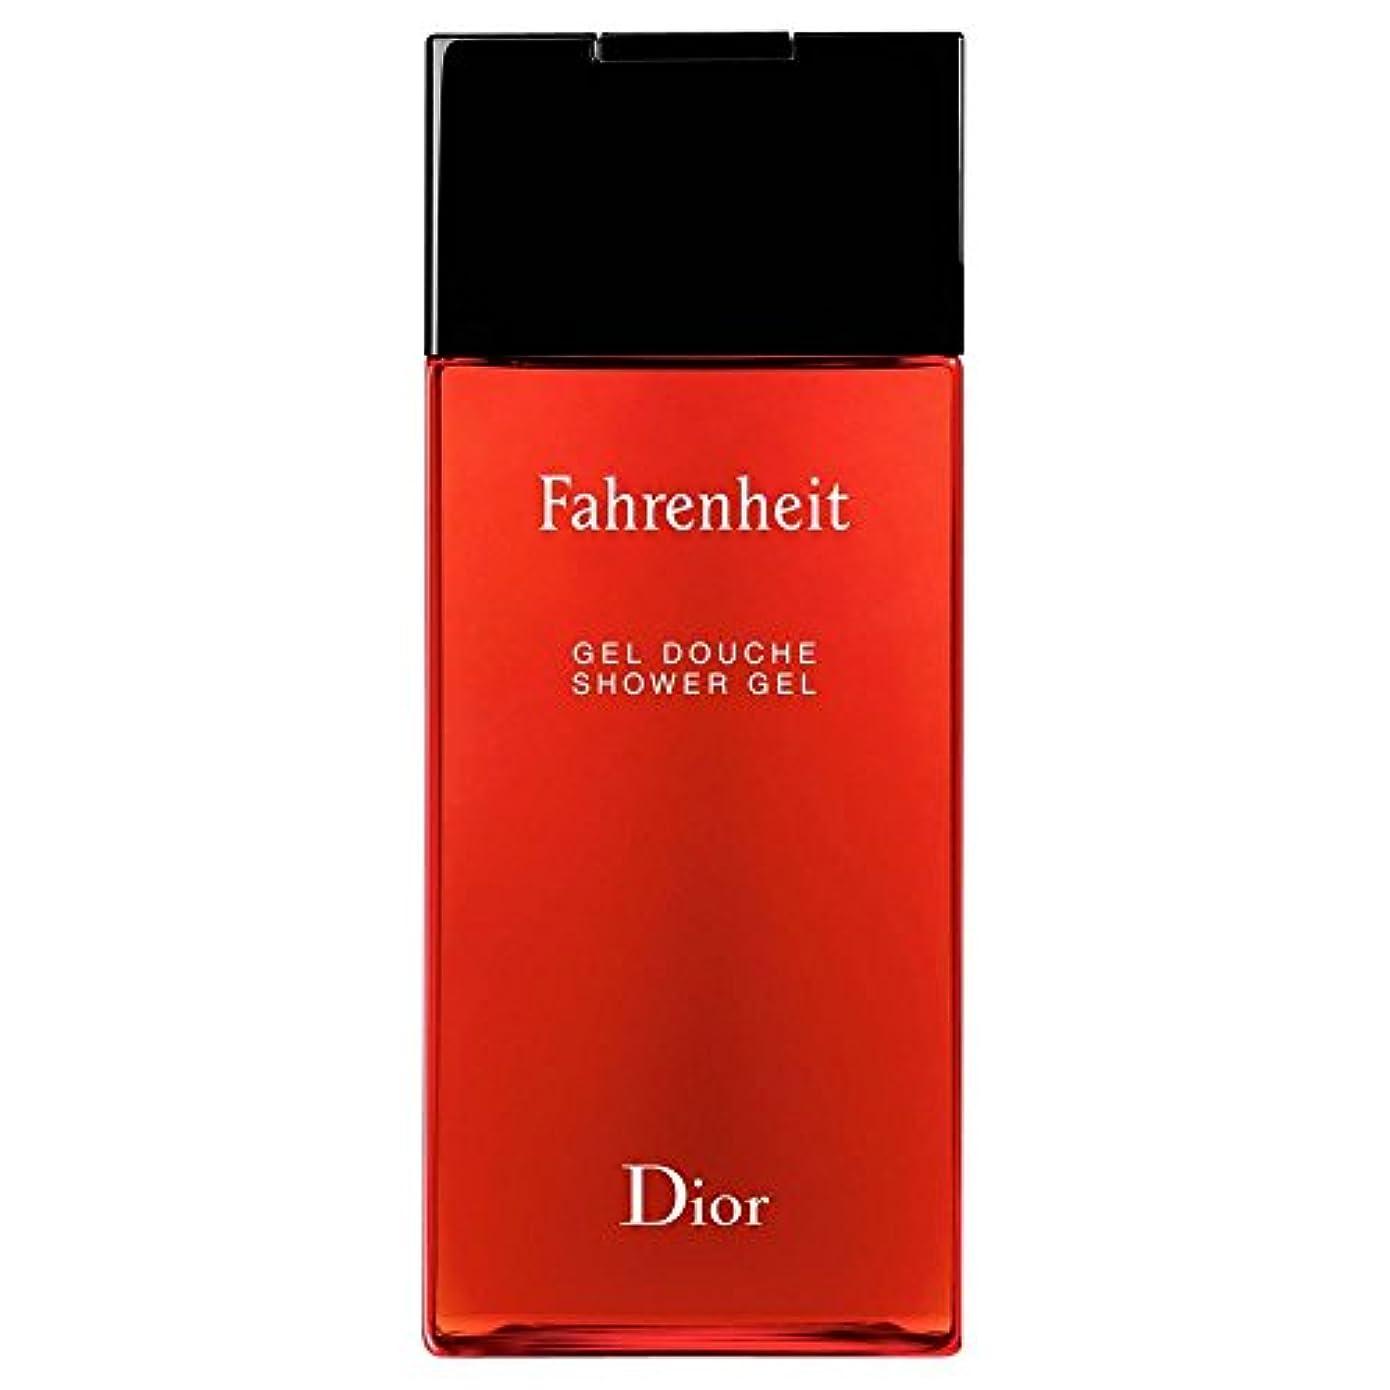 フォアマン女優仮定、想定。推測[Dior] ディオール華氏発泡シャワージェル200Ml - Dior Fahrenheit Foaming Shower Gel 200ml [並行輸入品]